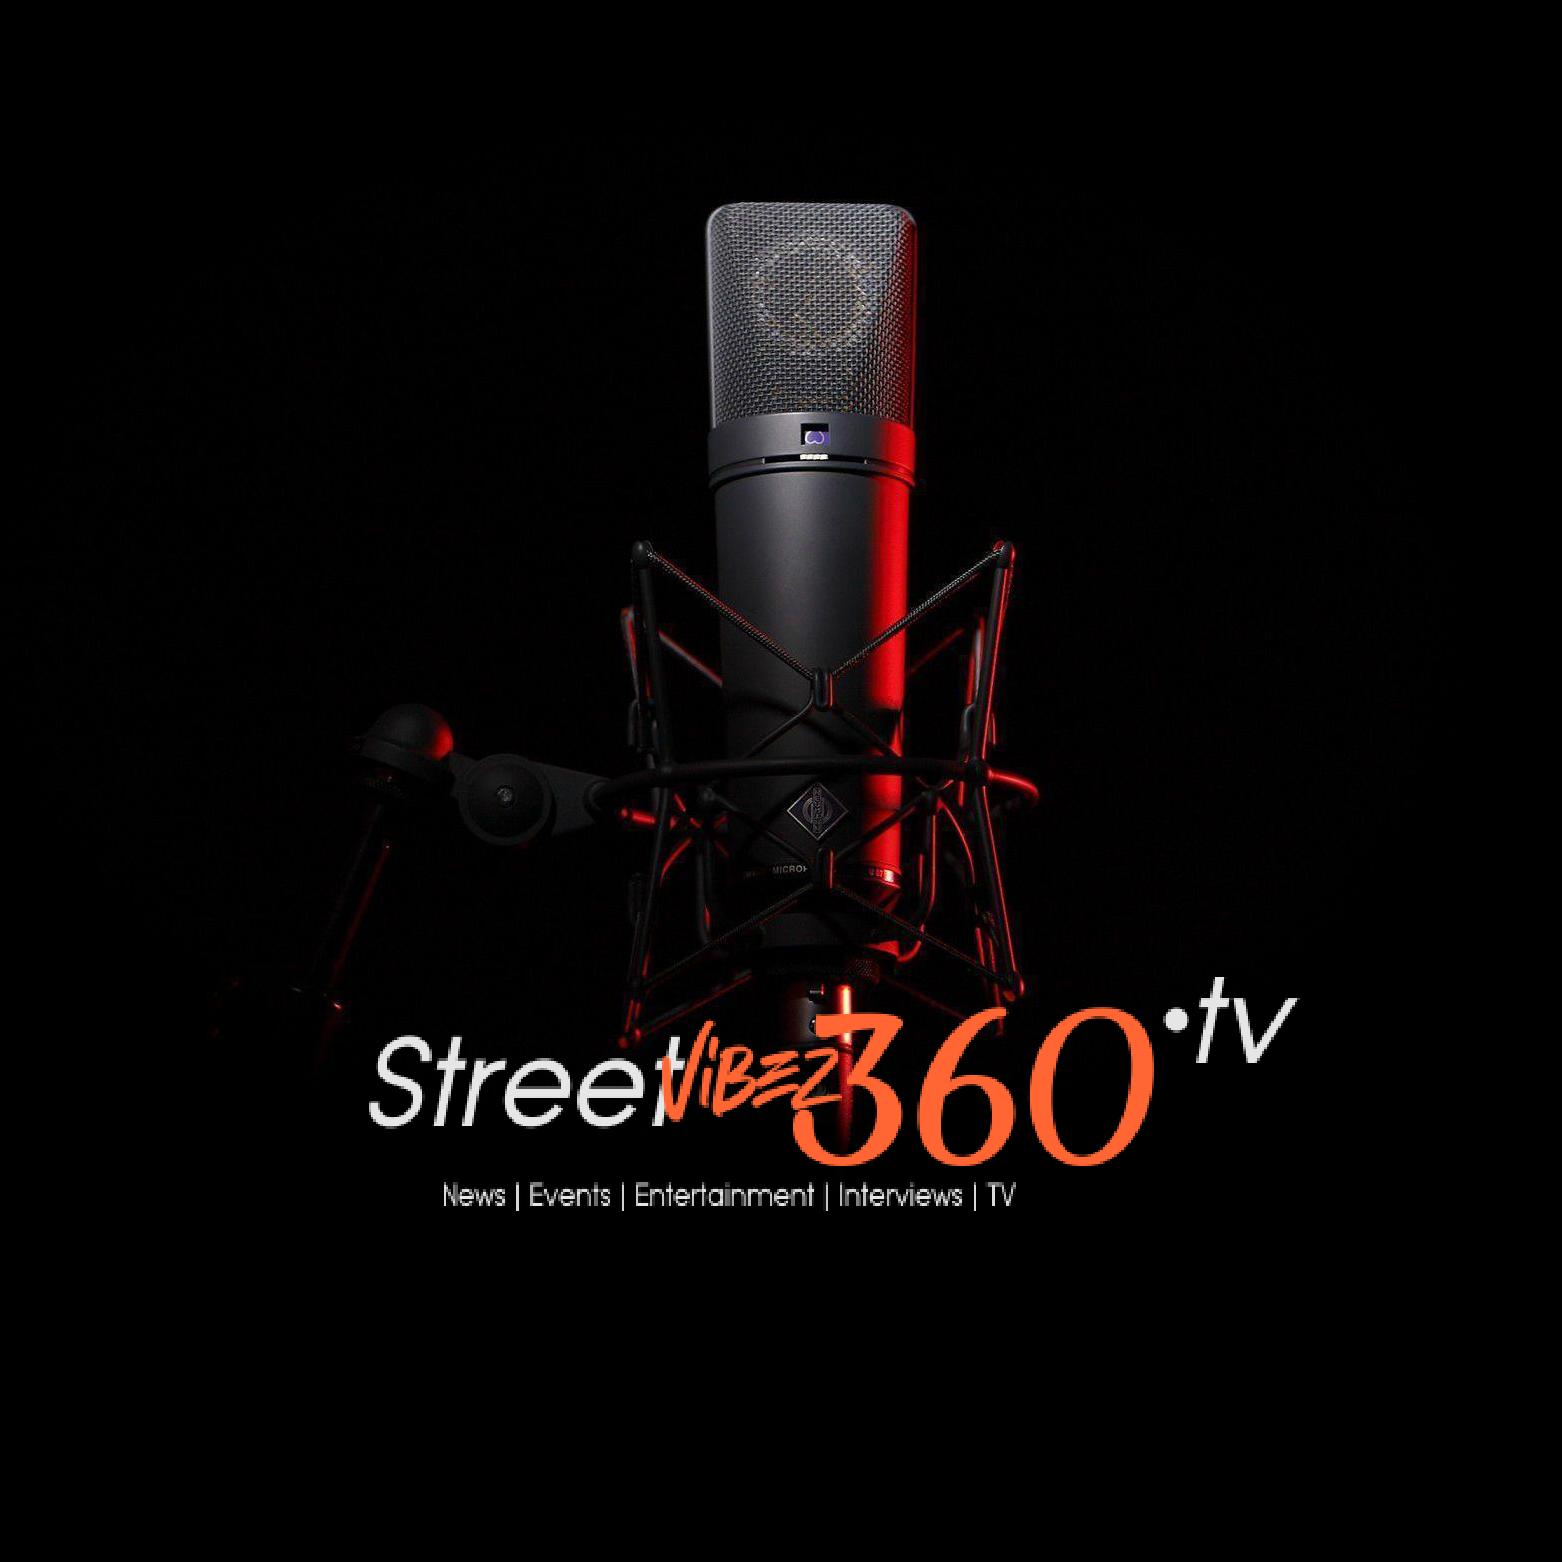 StreetVibez360.tv